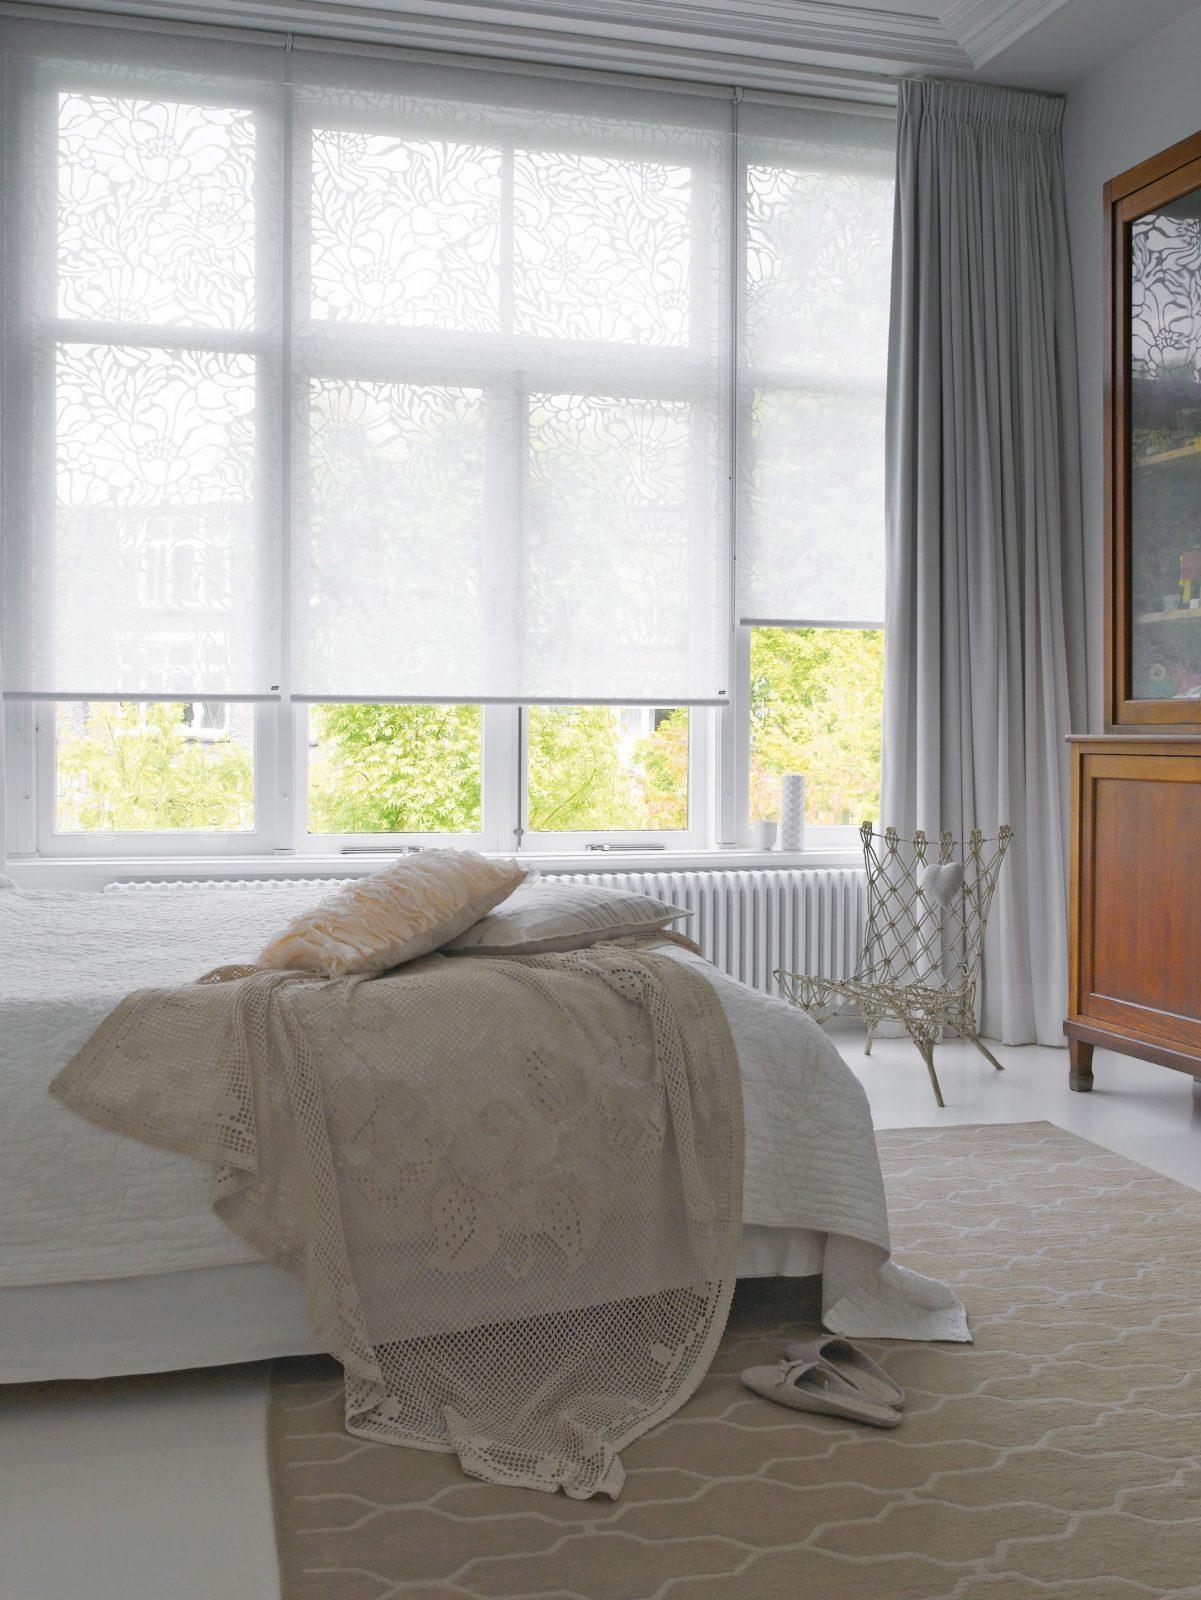 Plissee  Rollos Bei Fensterschmidinger In Gramastetten In von Plissee Und Gardinen Kombinieren Photo